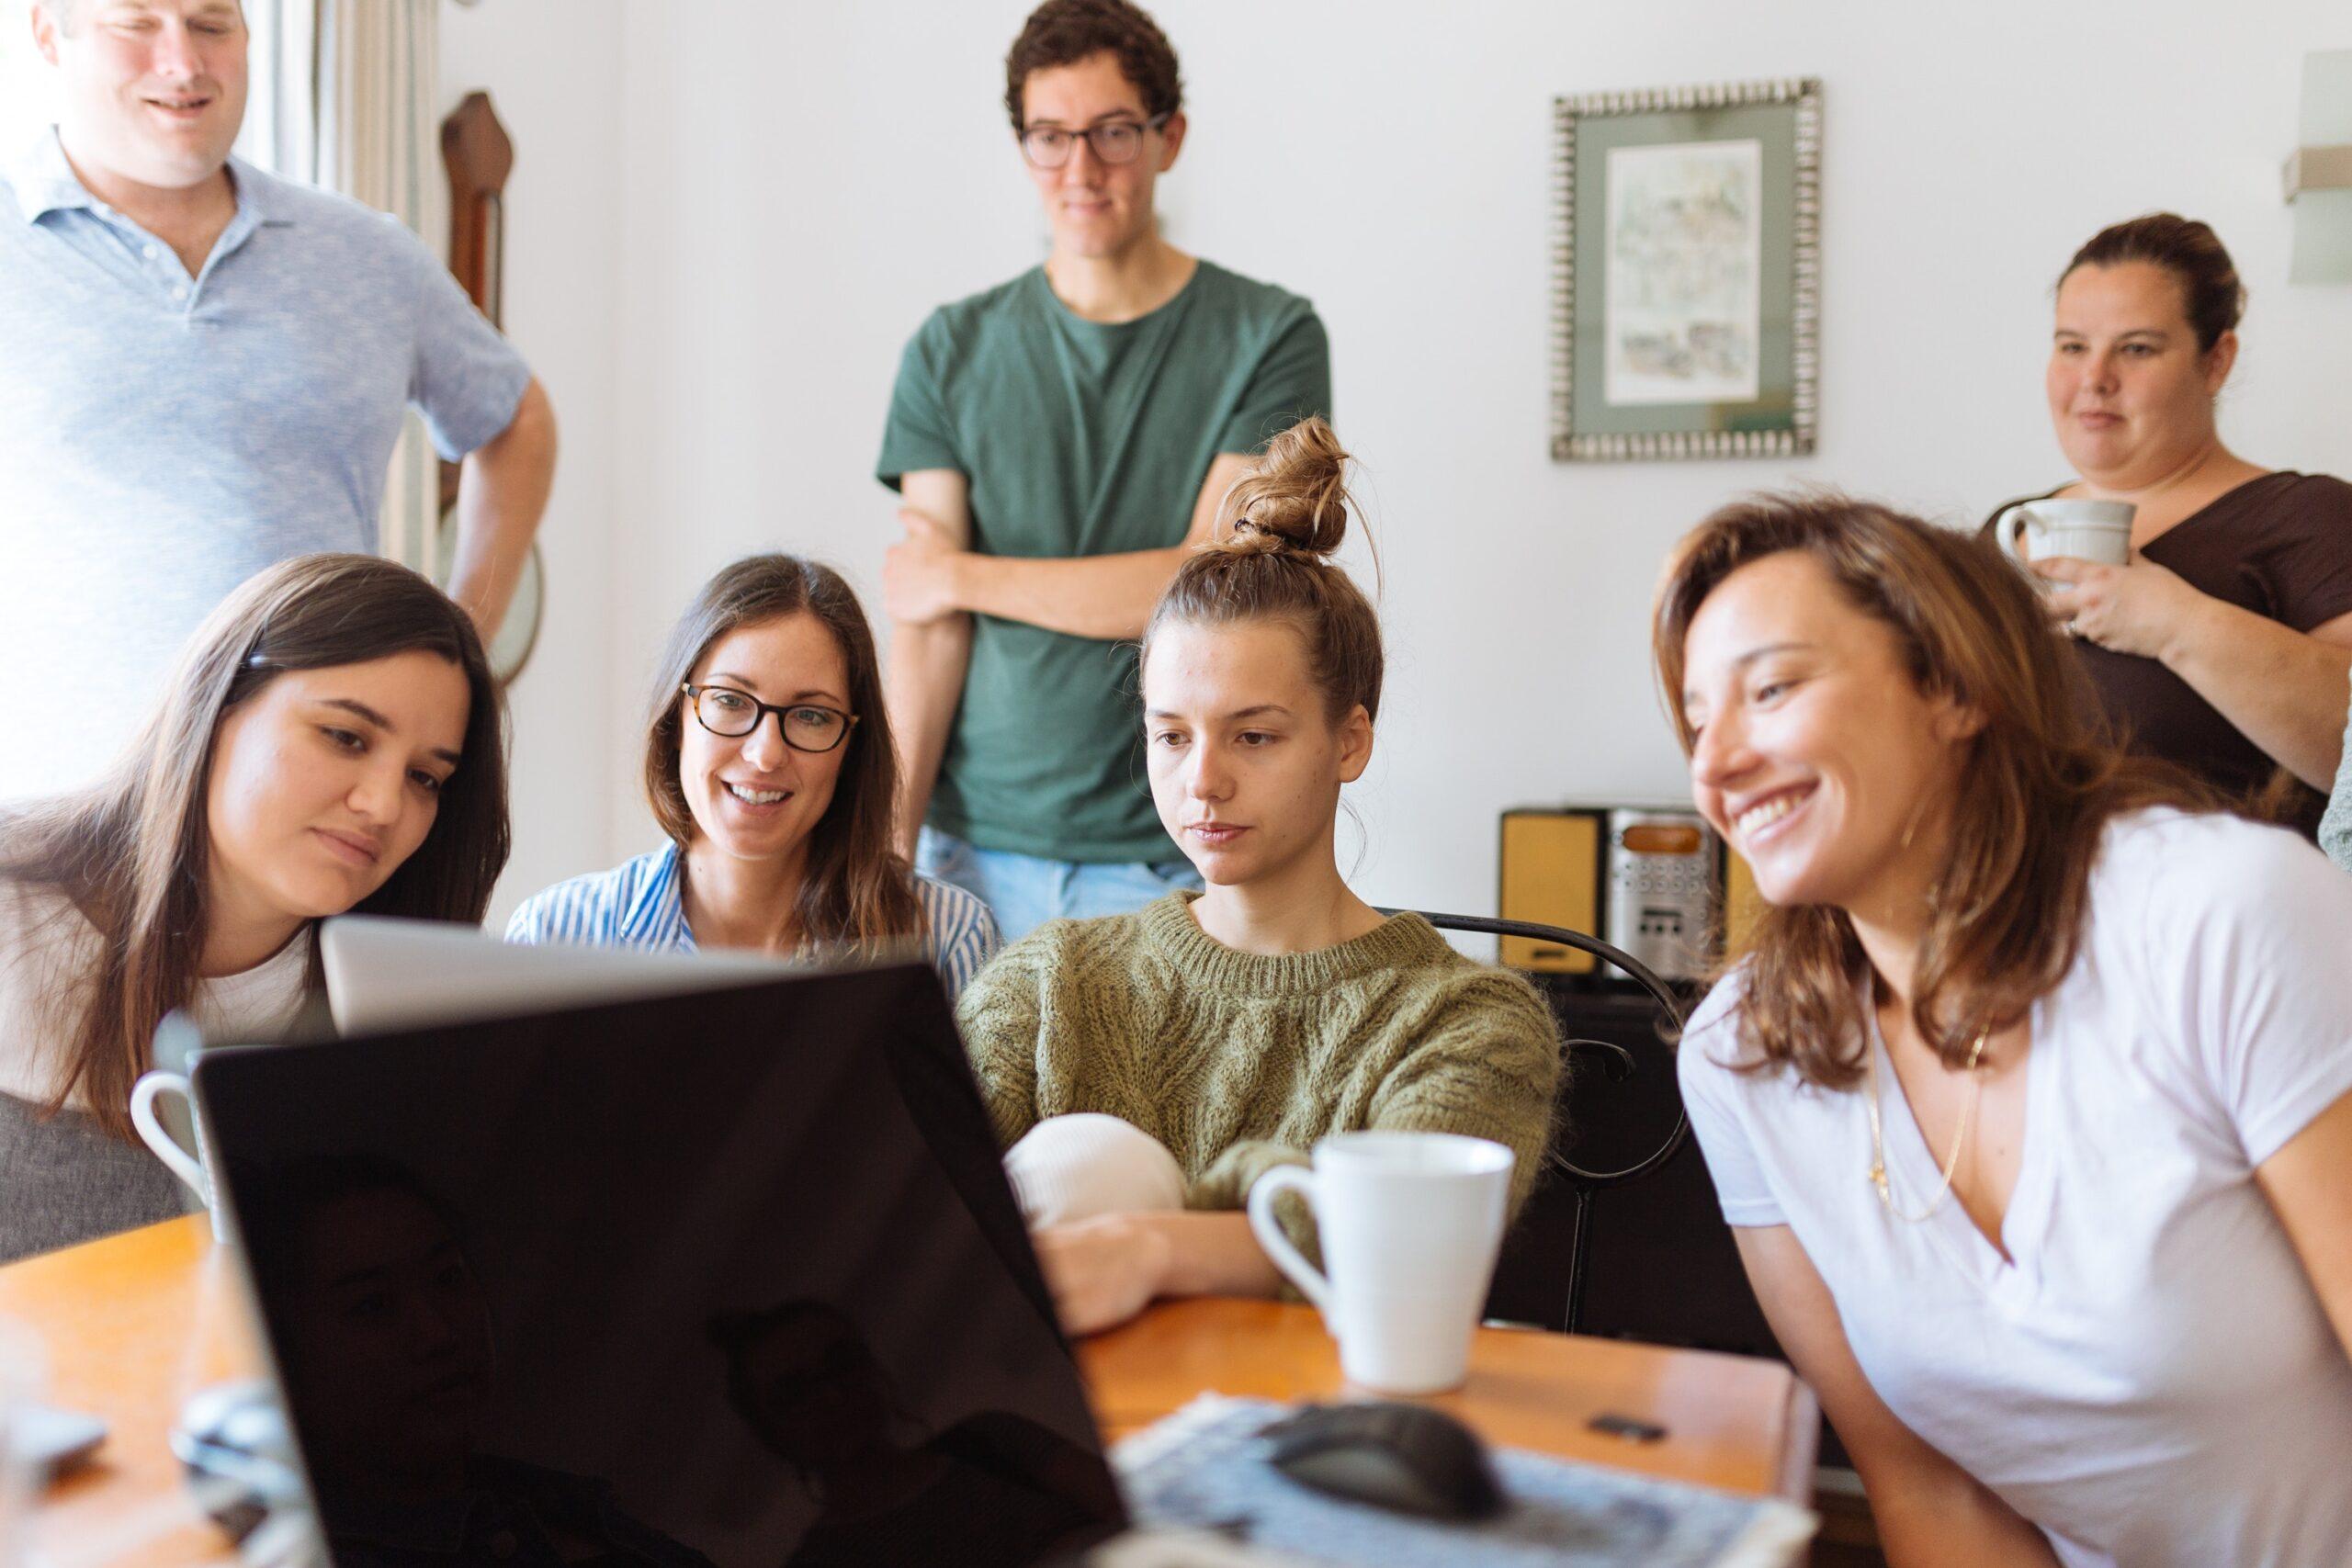 Menschen schauen auf Laptop